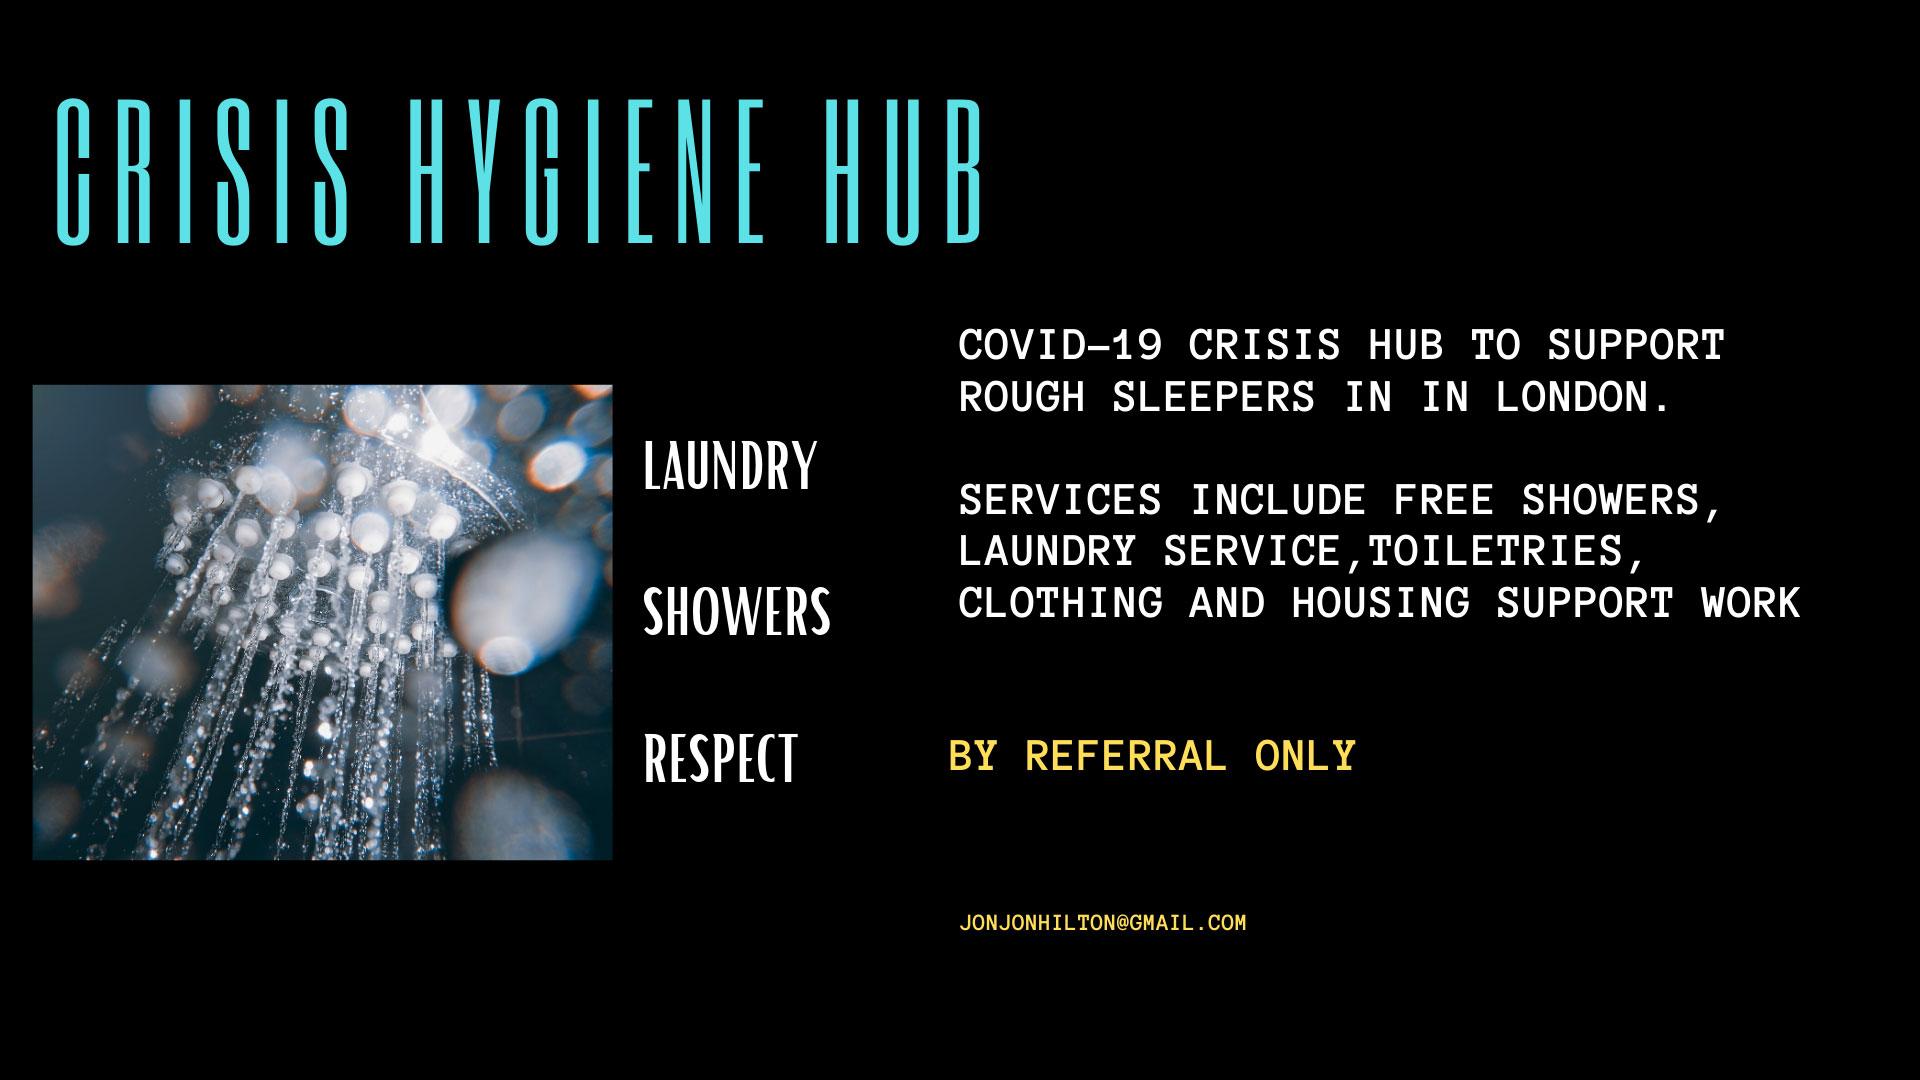 CRISIS HYGIENE HUB 1 1 1